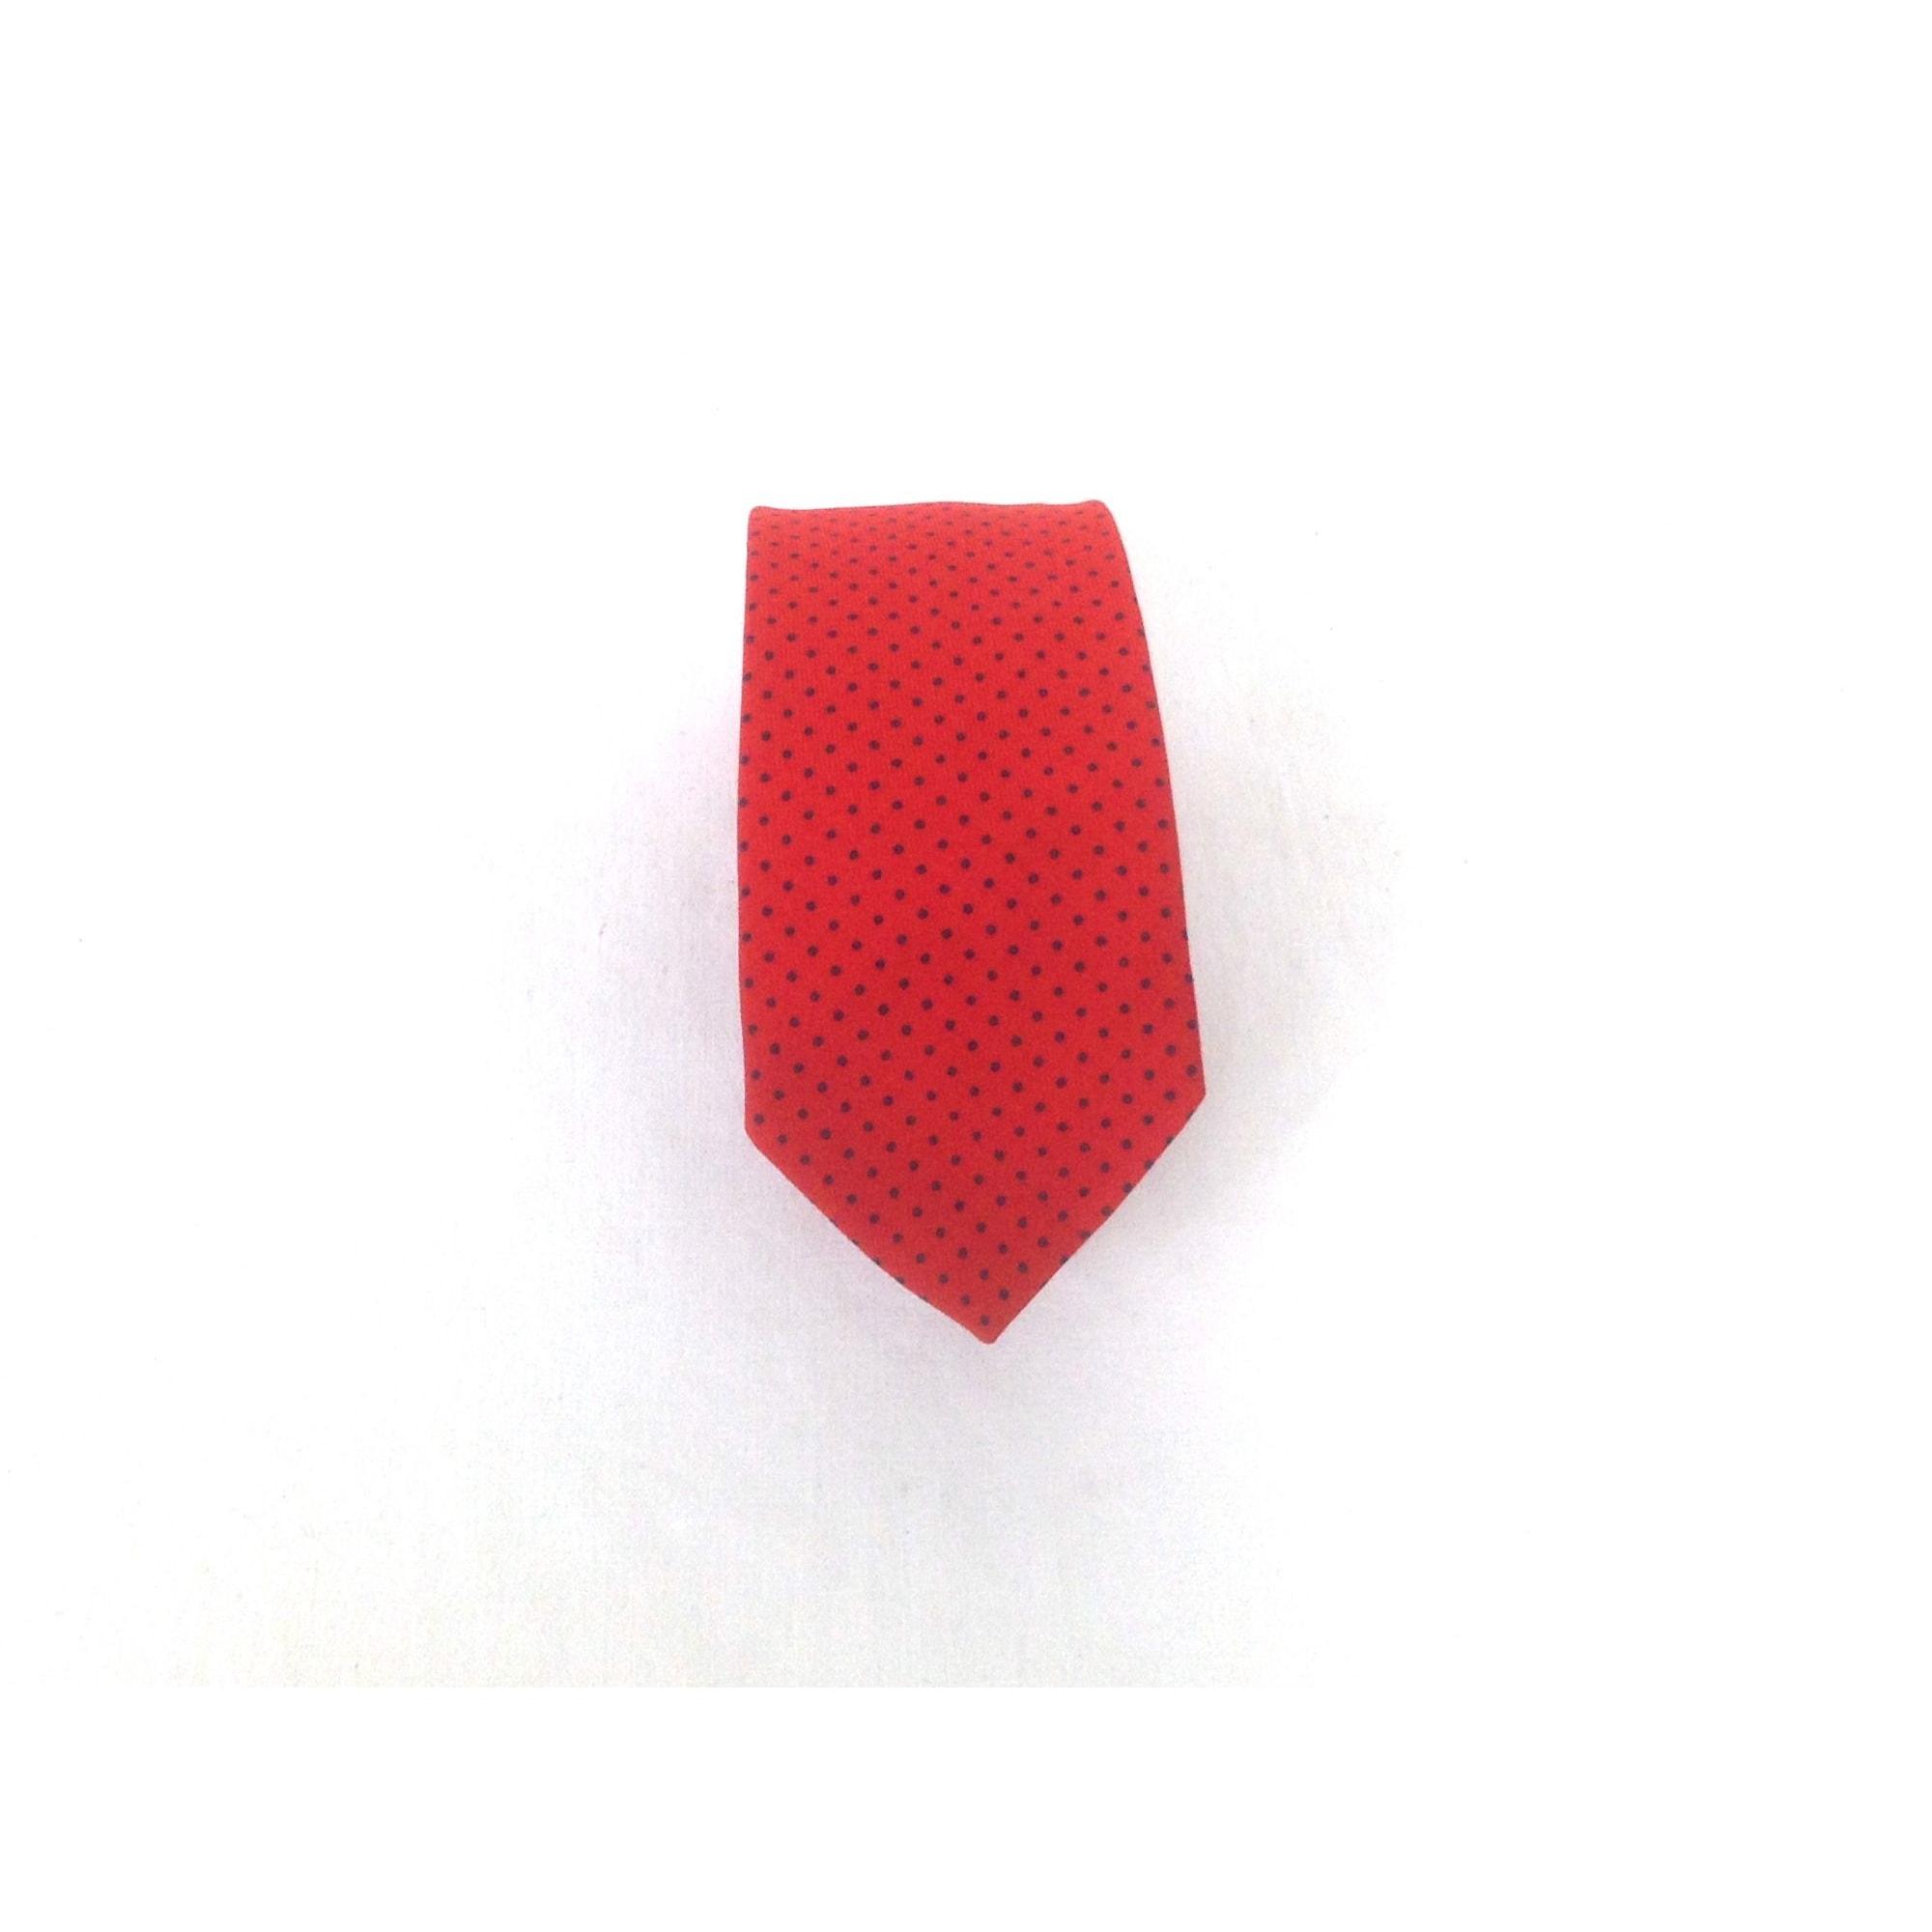 Cravate TIE RACK Rouge, bordeaux